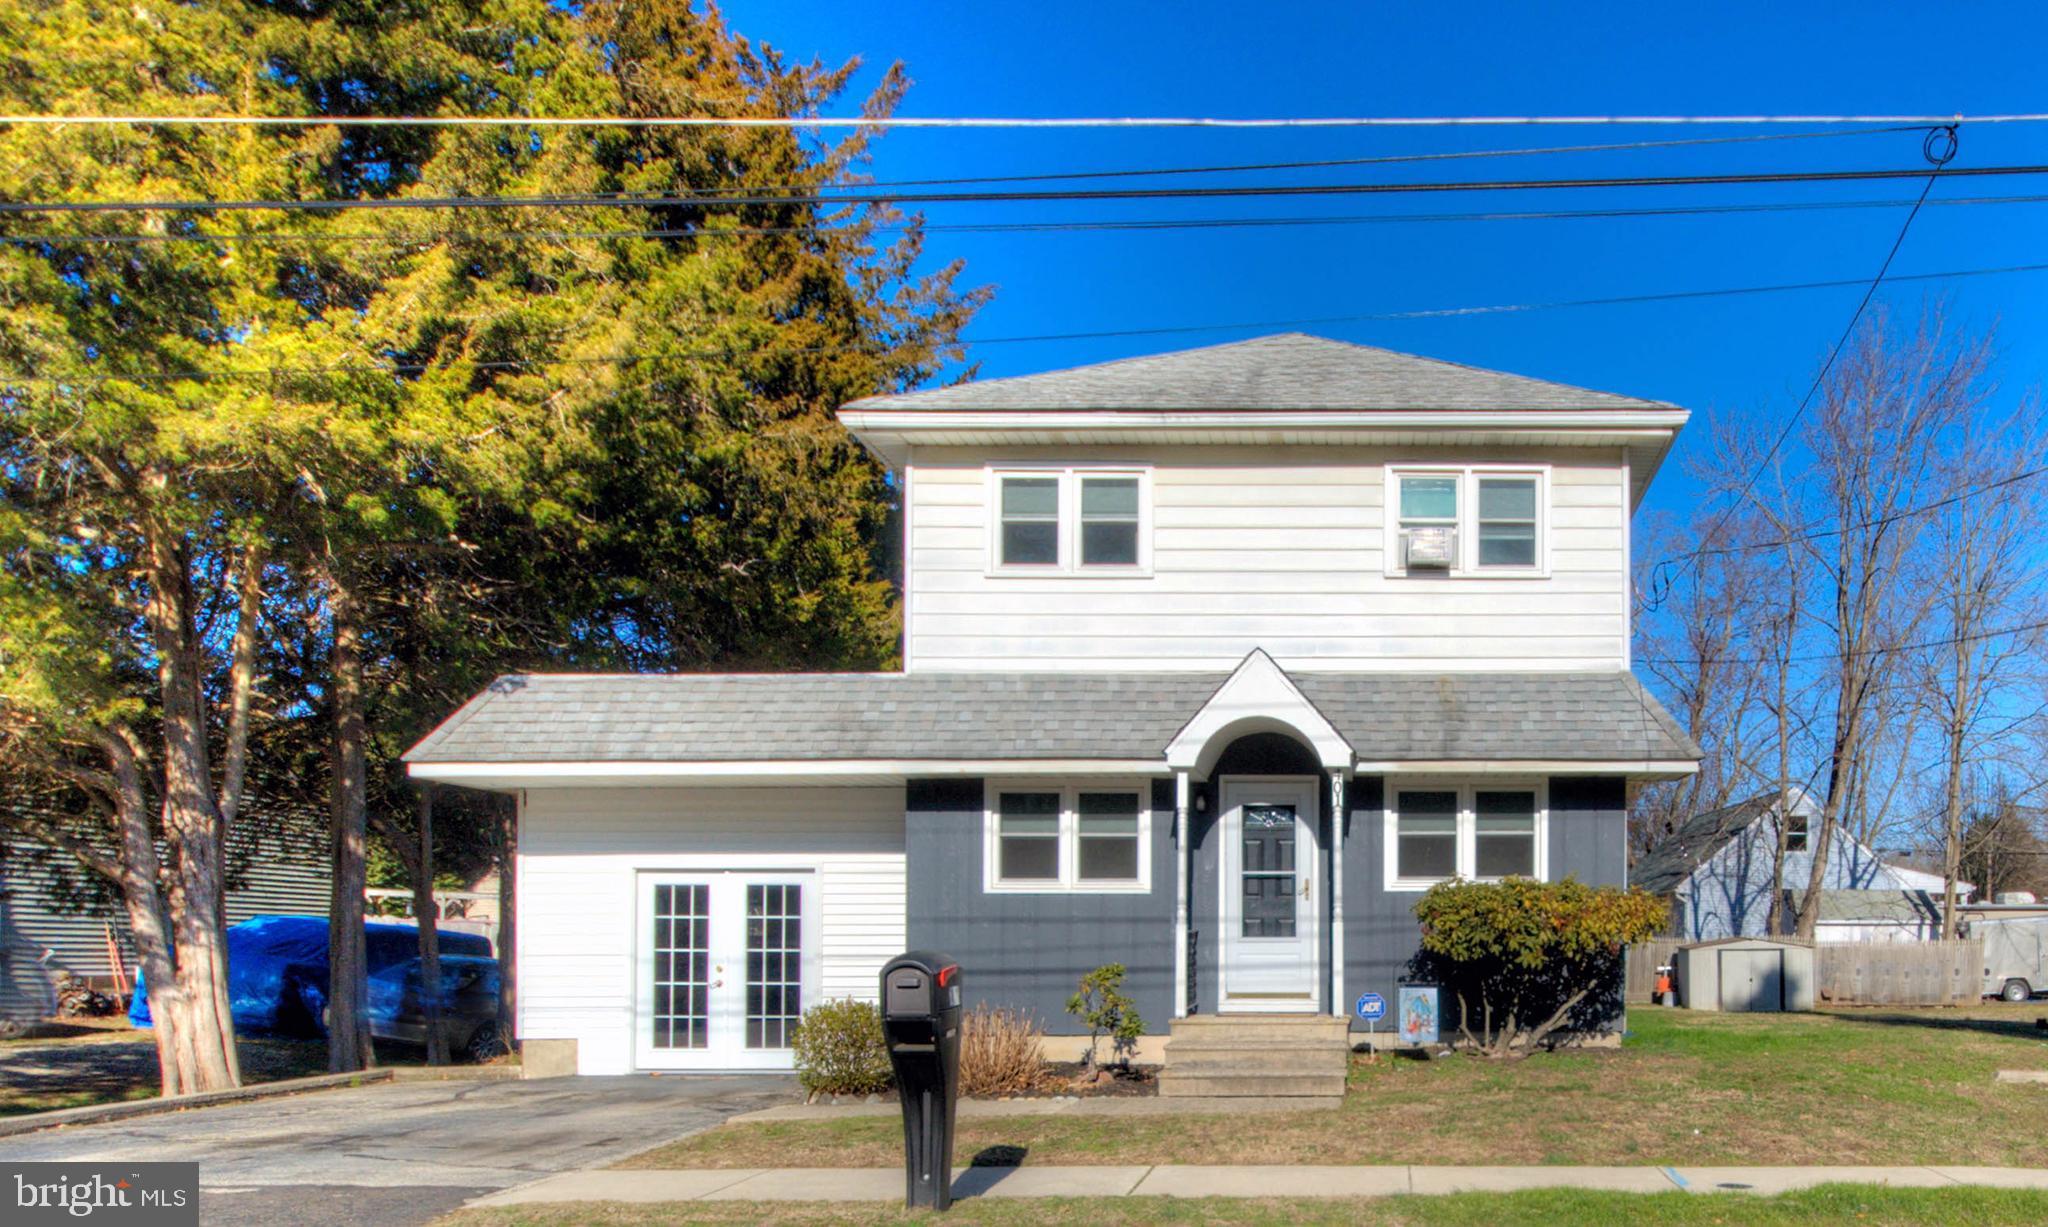 401 W CHESTNUT STREET, CLAYTON, NJ 08312